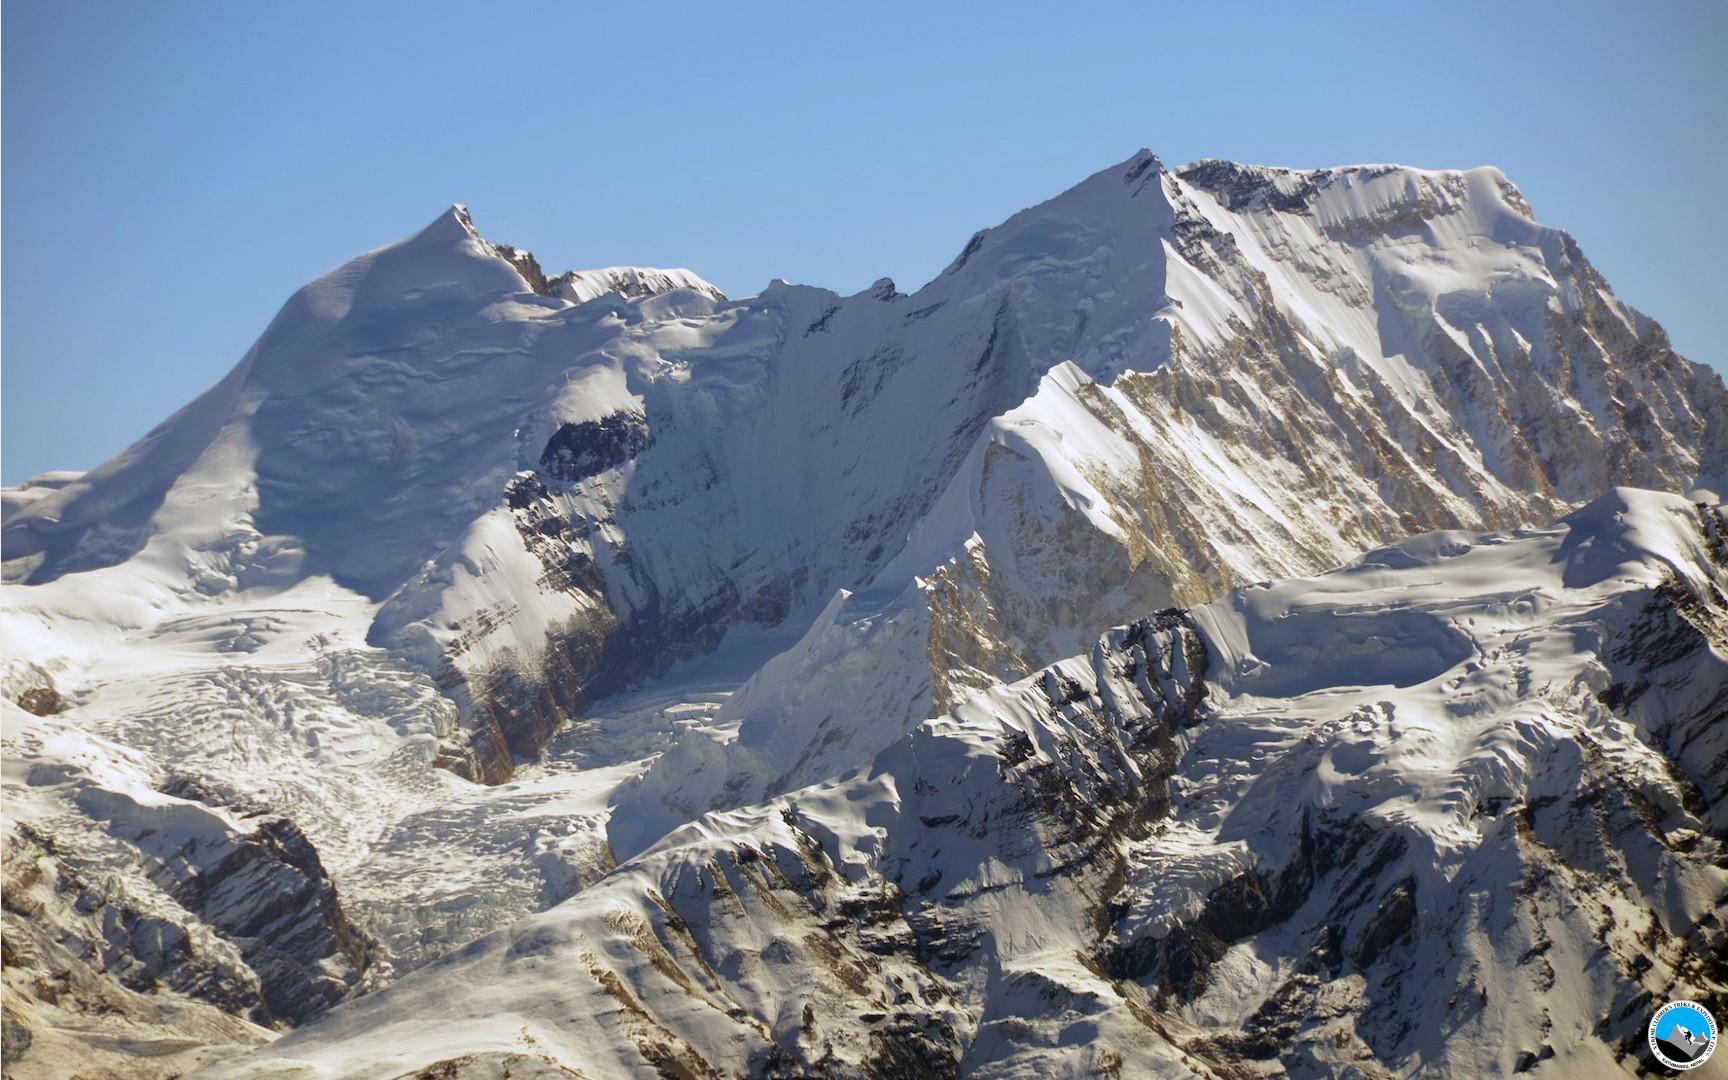 Himlung Himal (7162m)